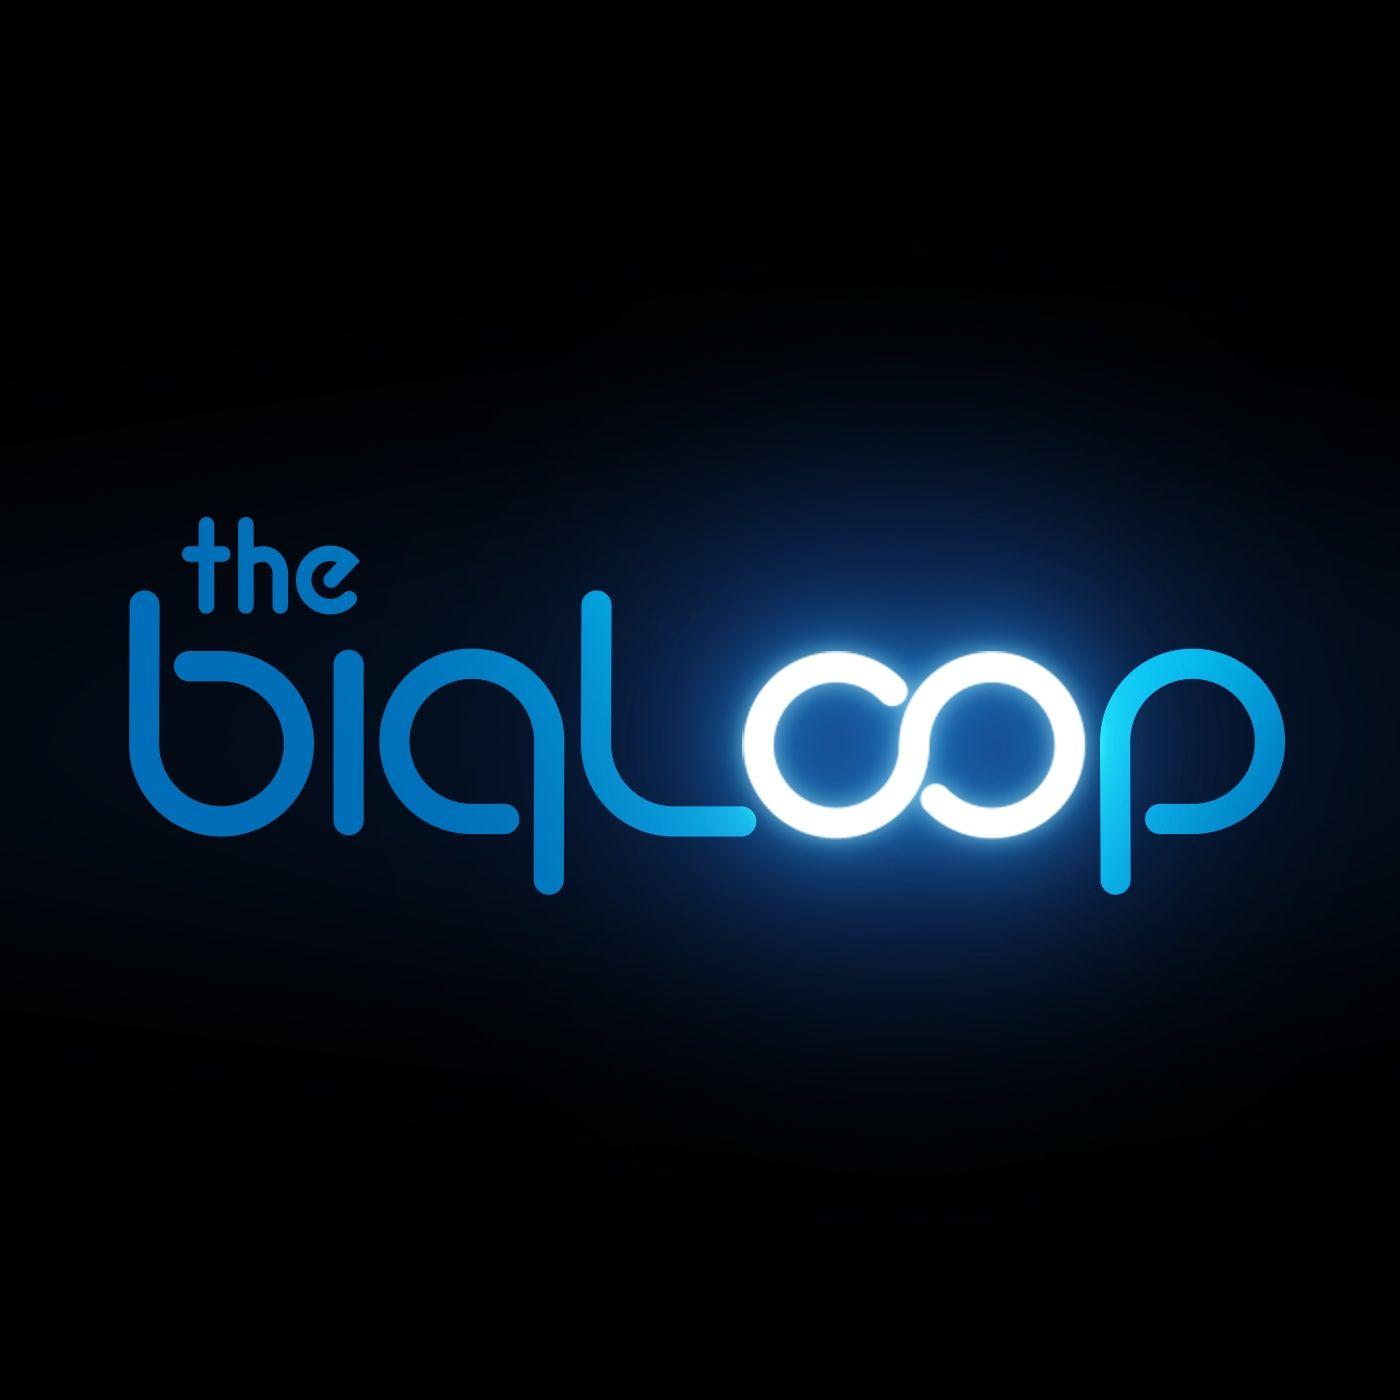 Episode 555 - The Big Loop